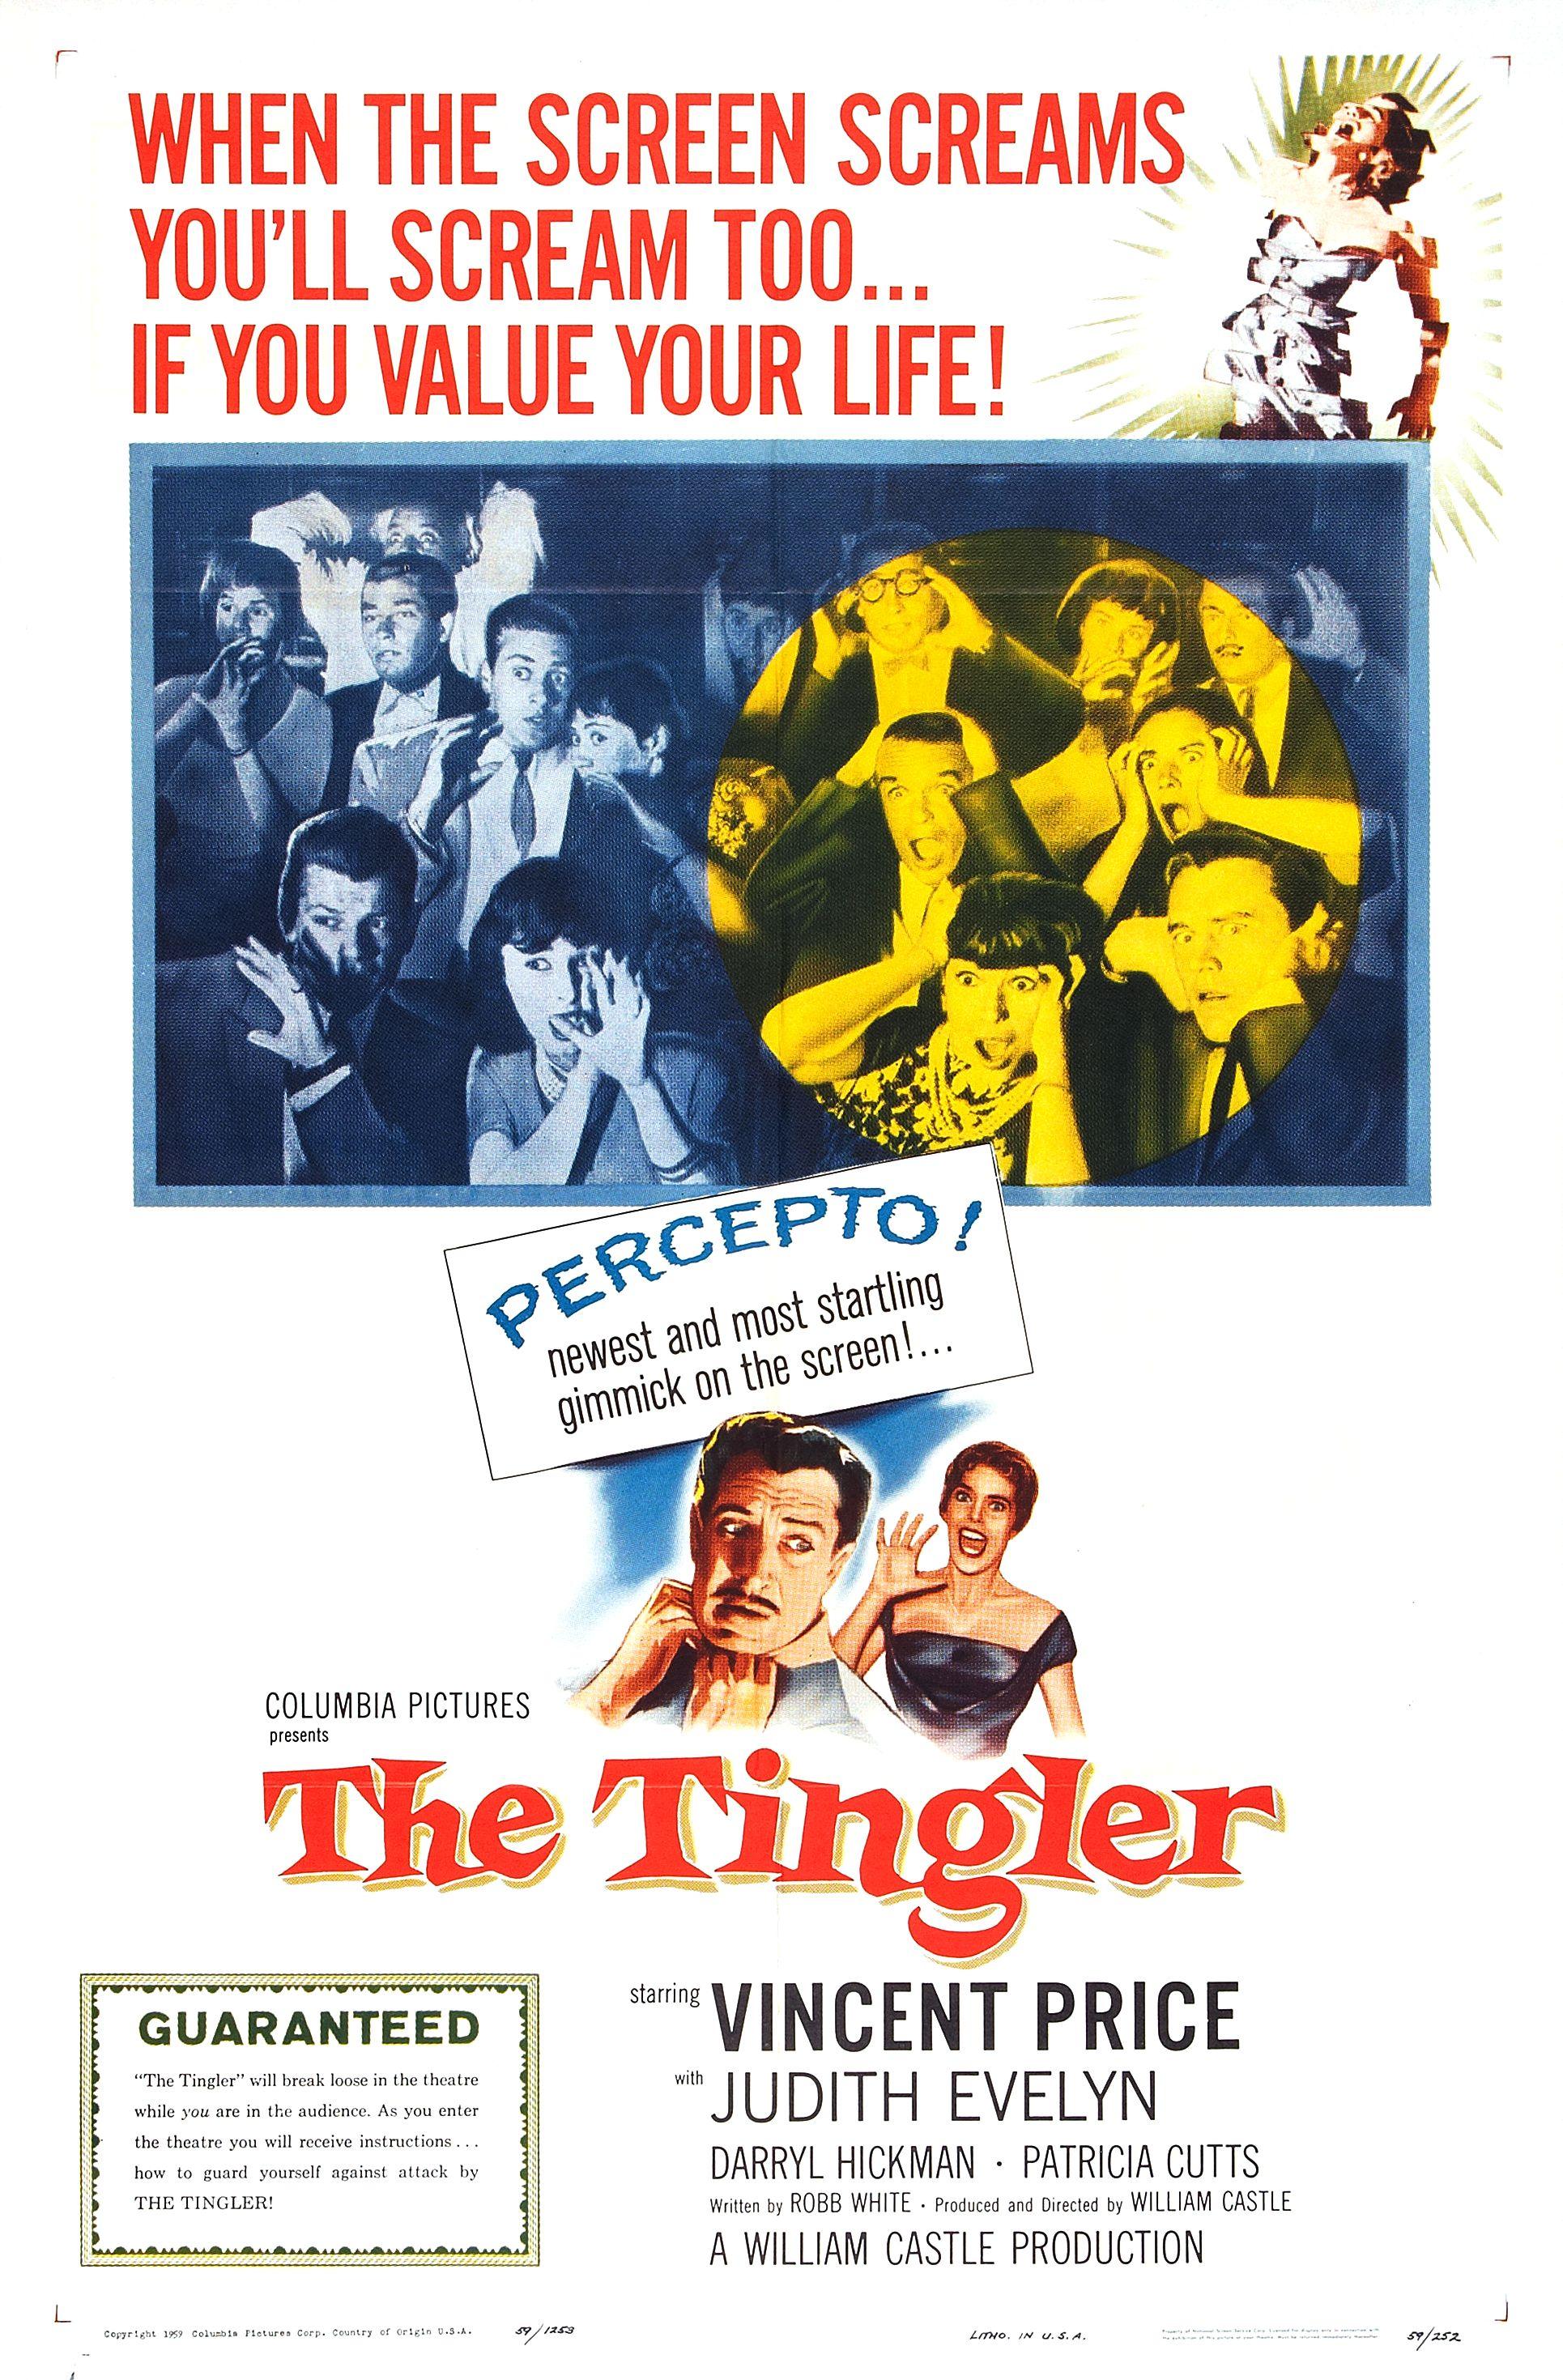 tingler_poster_01.jpg